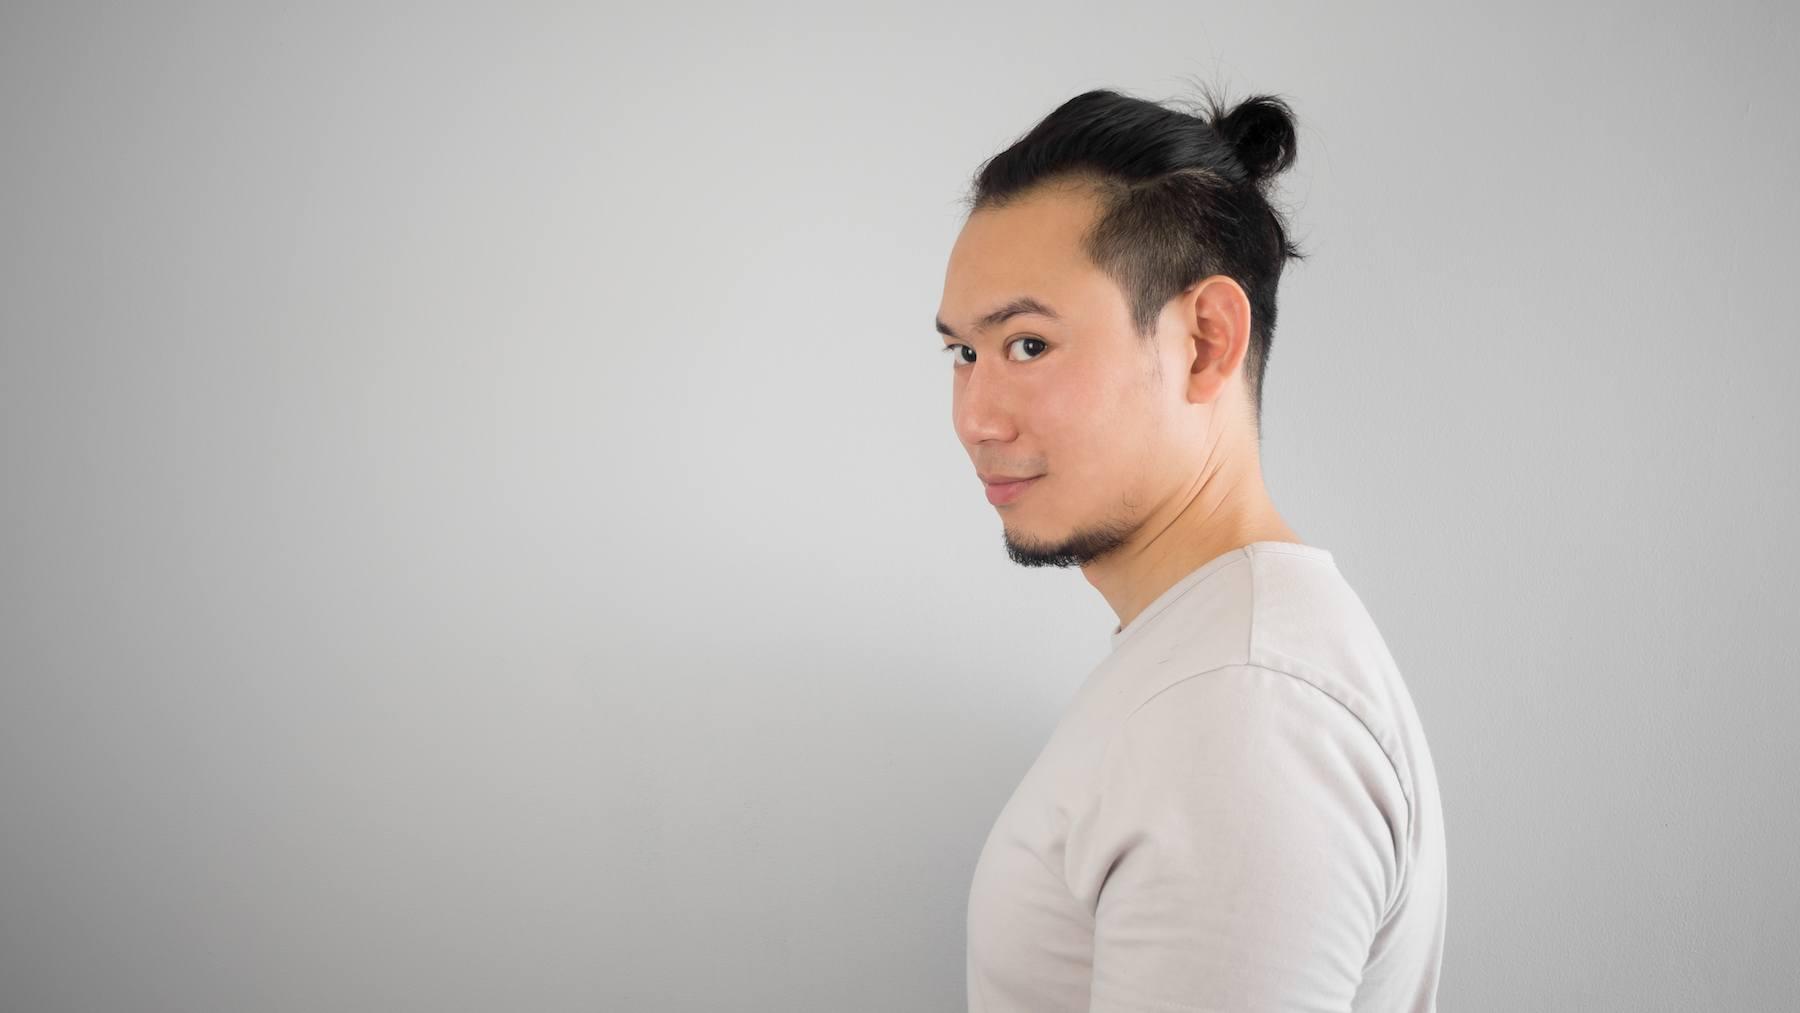 mengikat terlalu kencang bisa menjadi penyebab rambut rontok pada pria